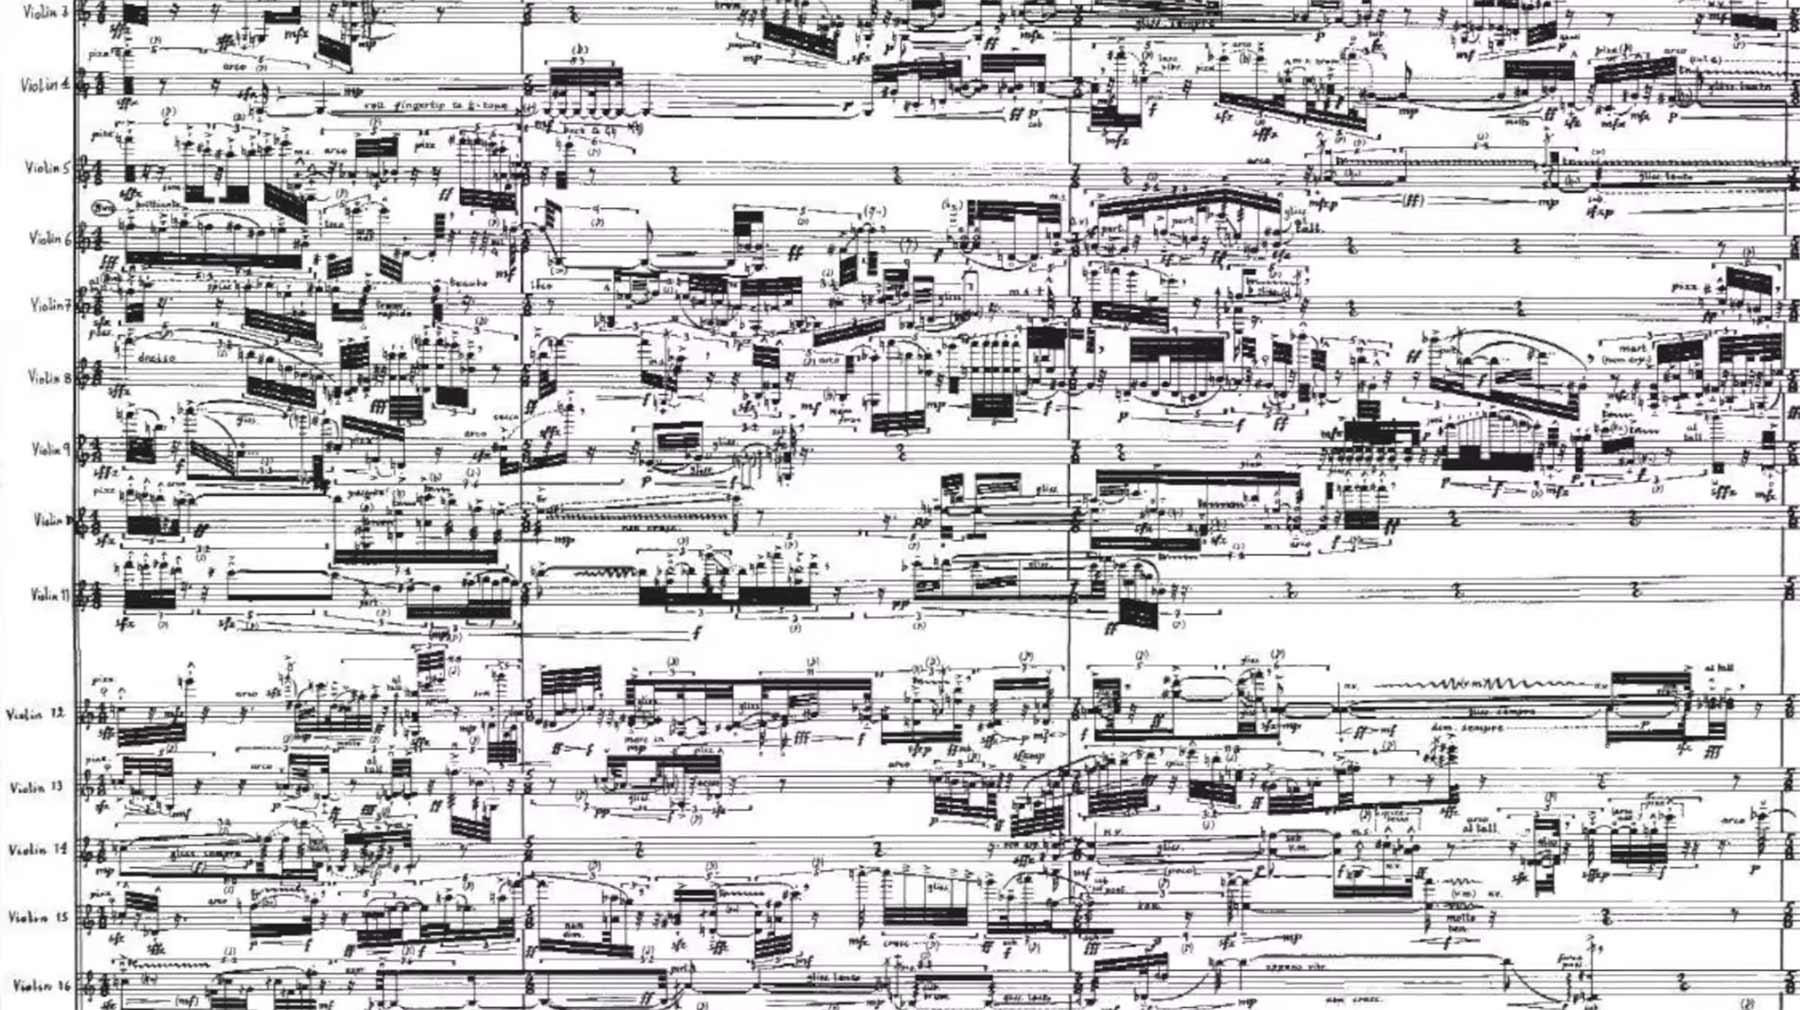 Das schwerste Musikstück der Welt das-komplizierteste-musikstueck-der-welt